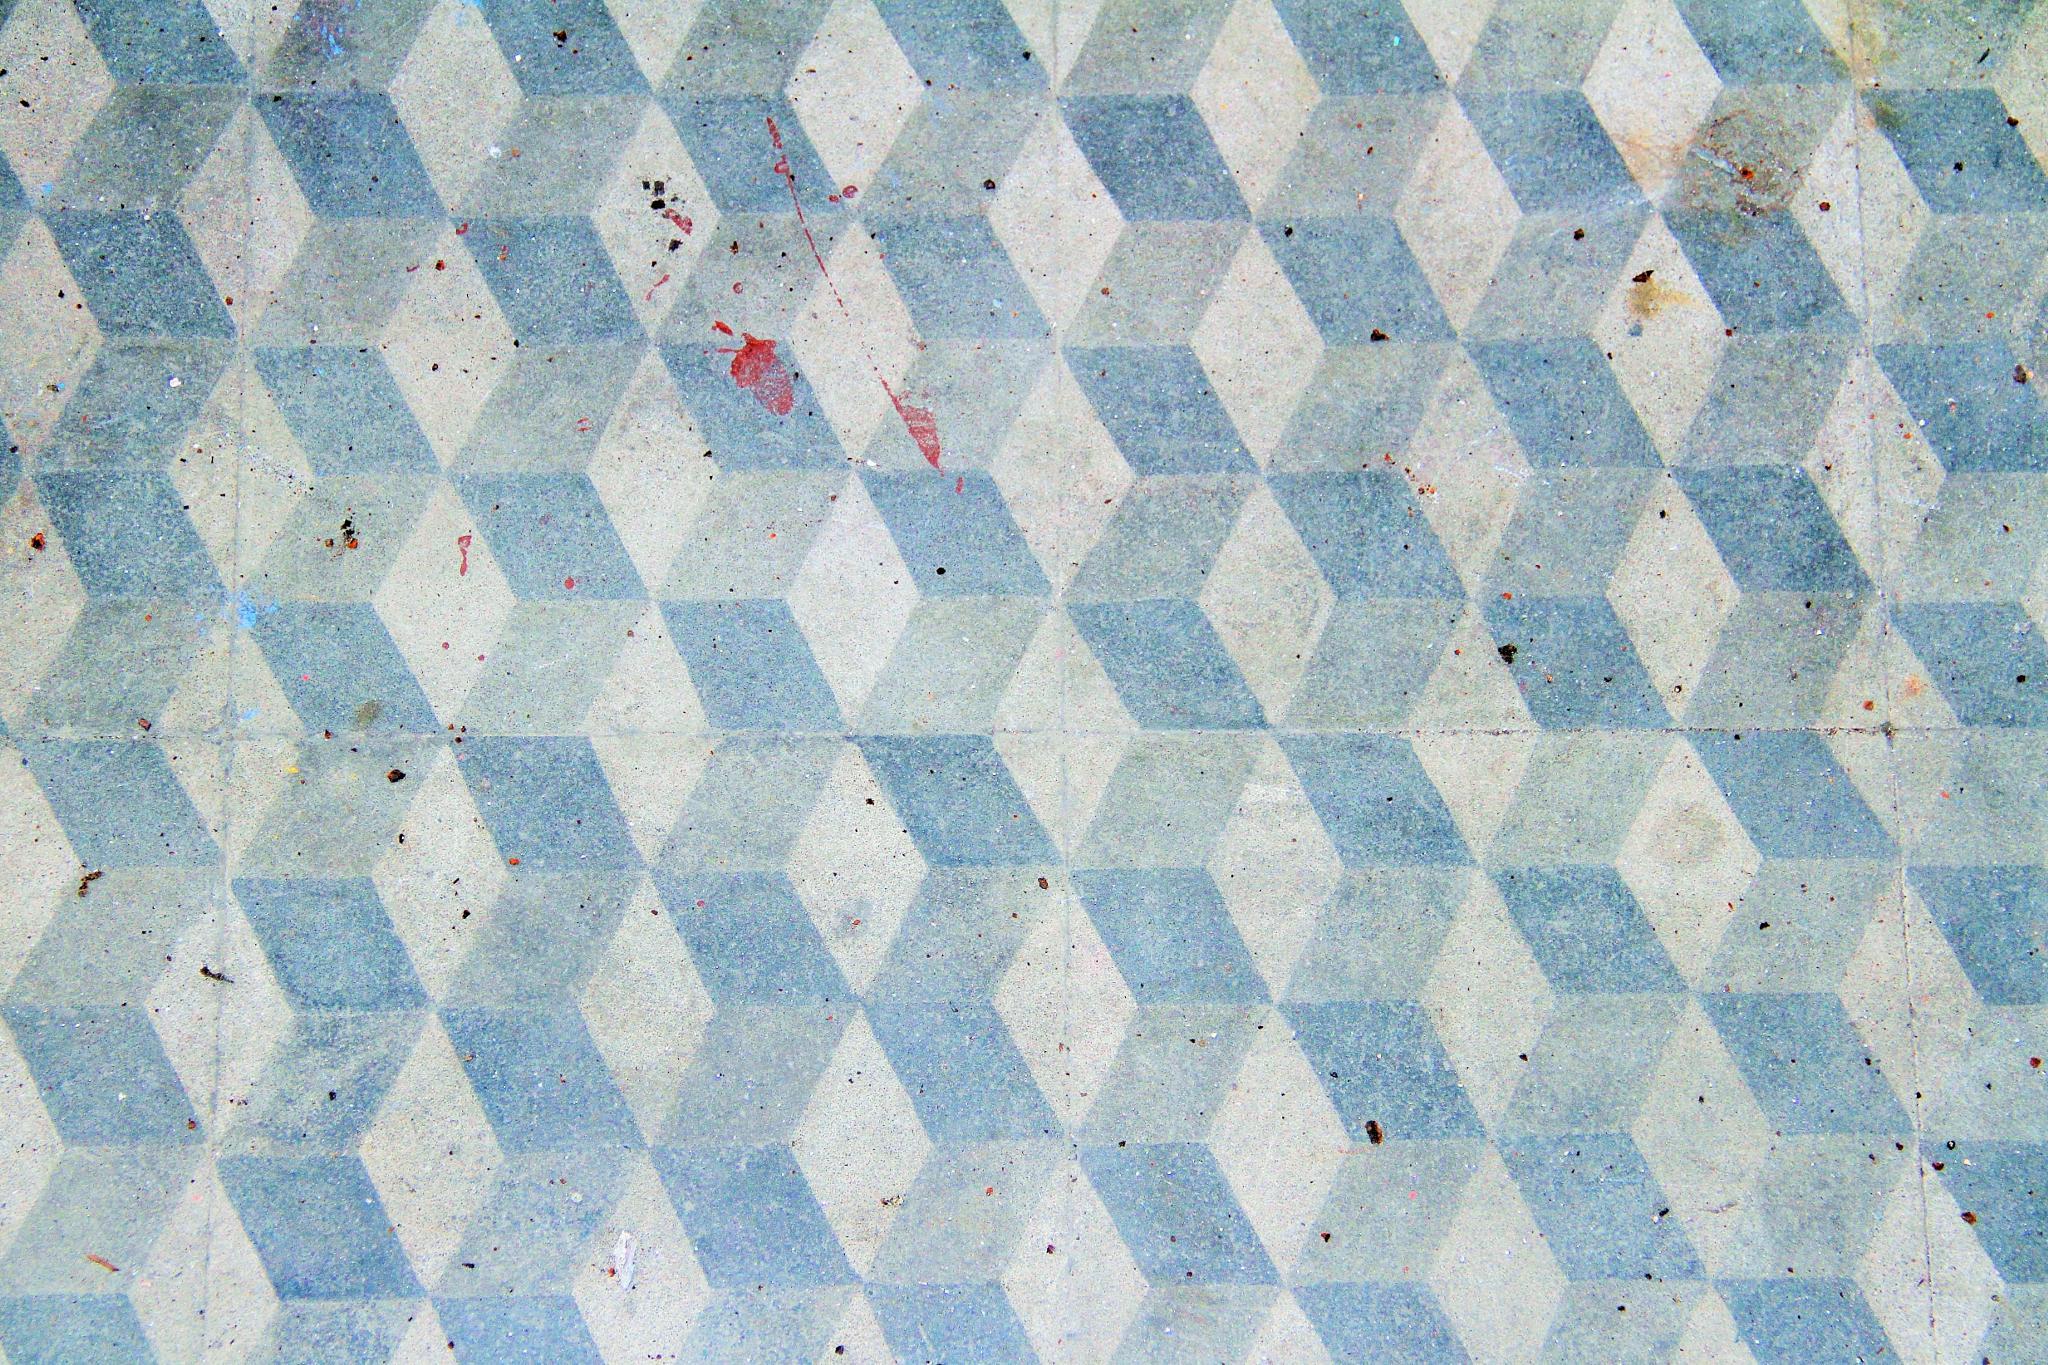 Floor Tiles by silviosteinhaus